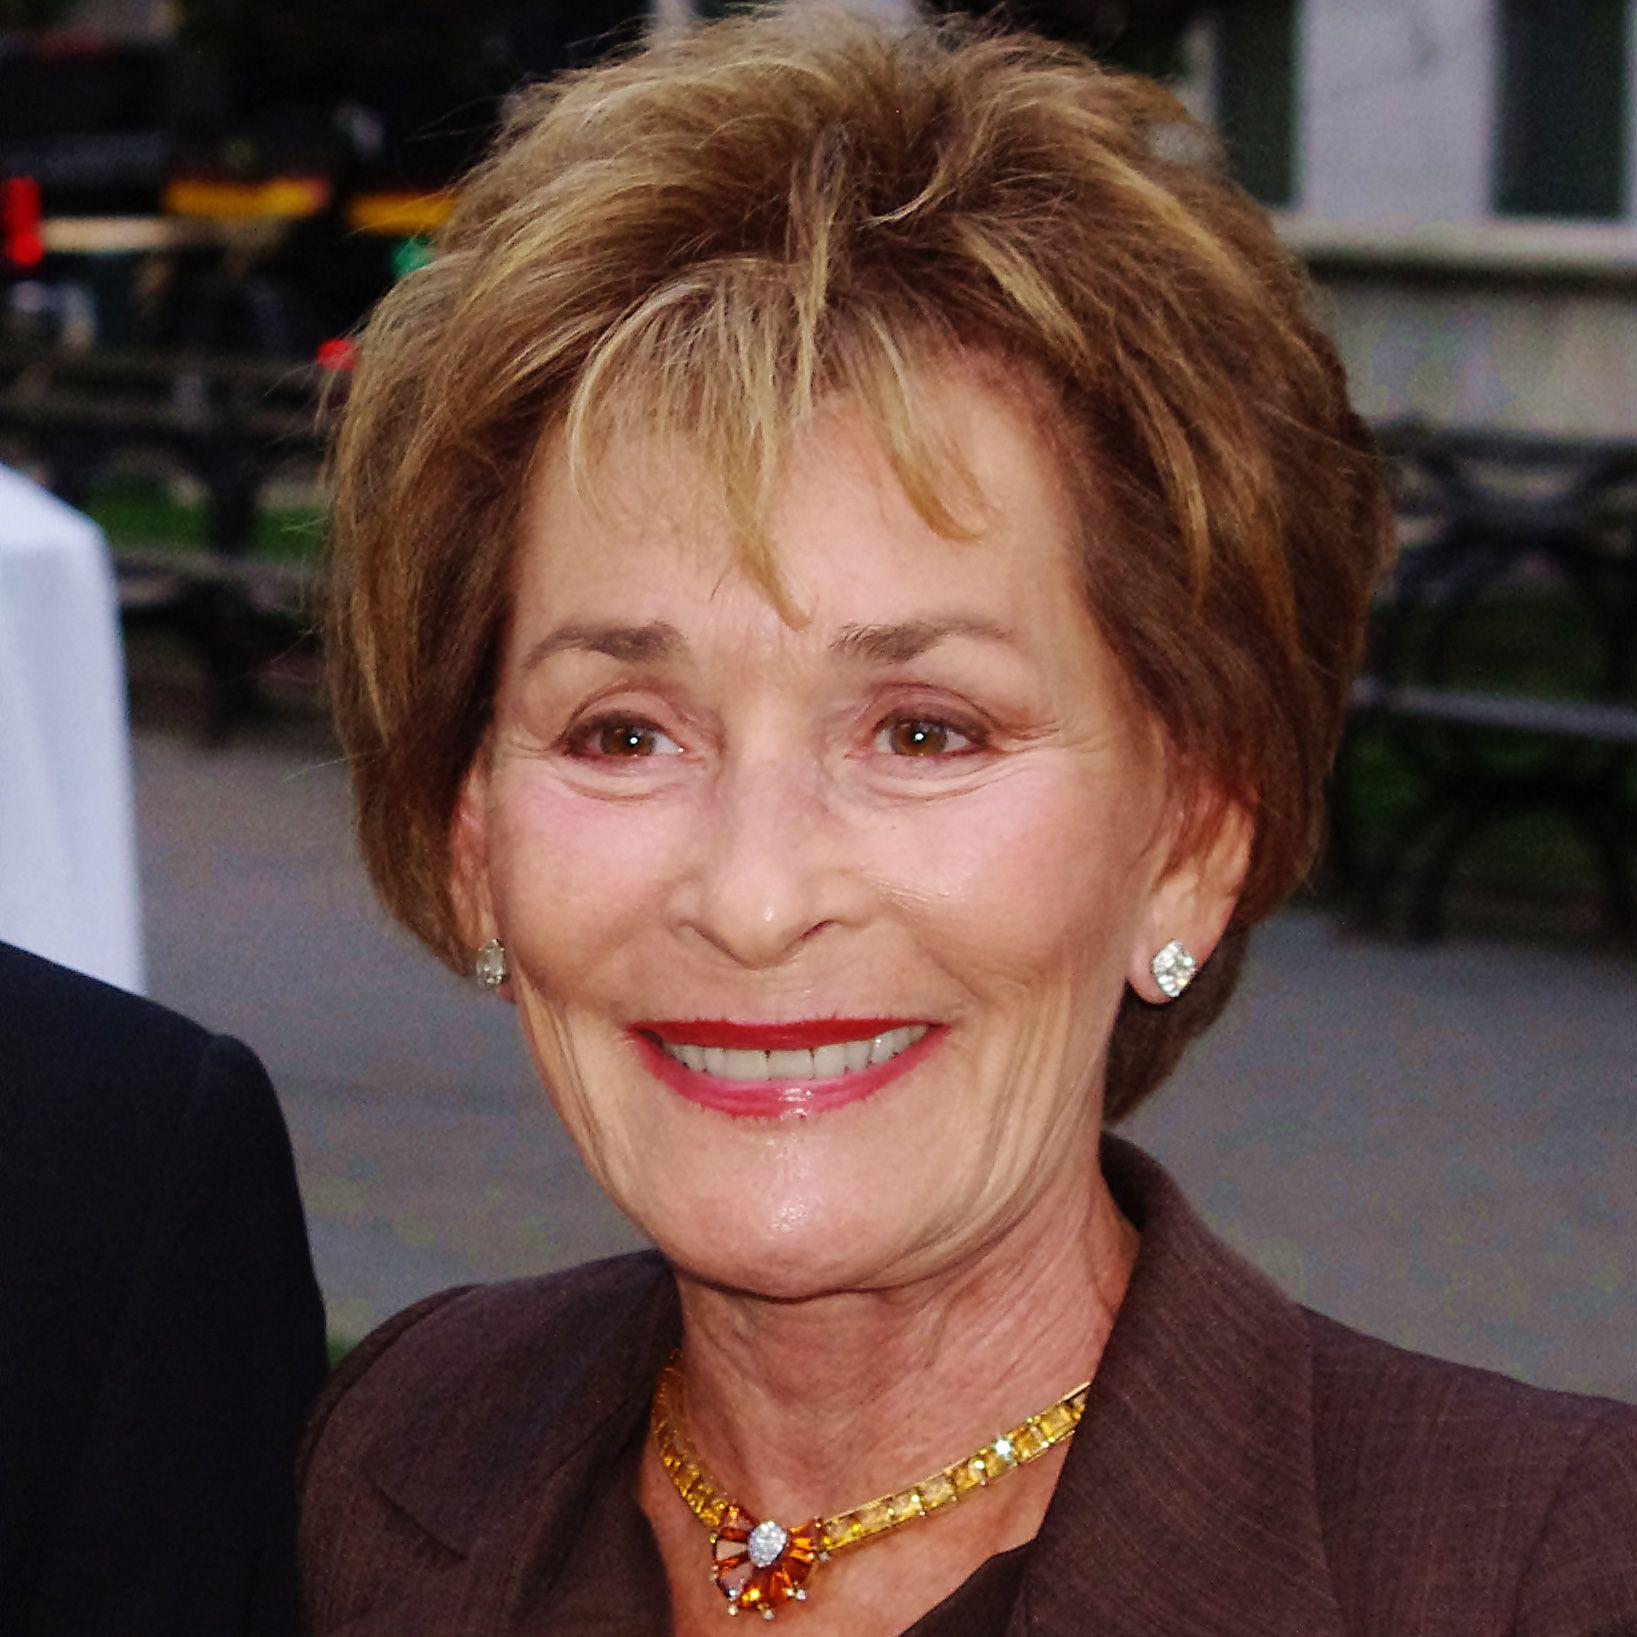 Judy Sheindlin Net Worth